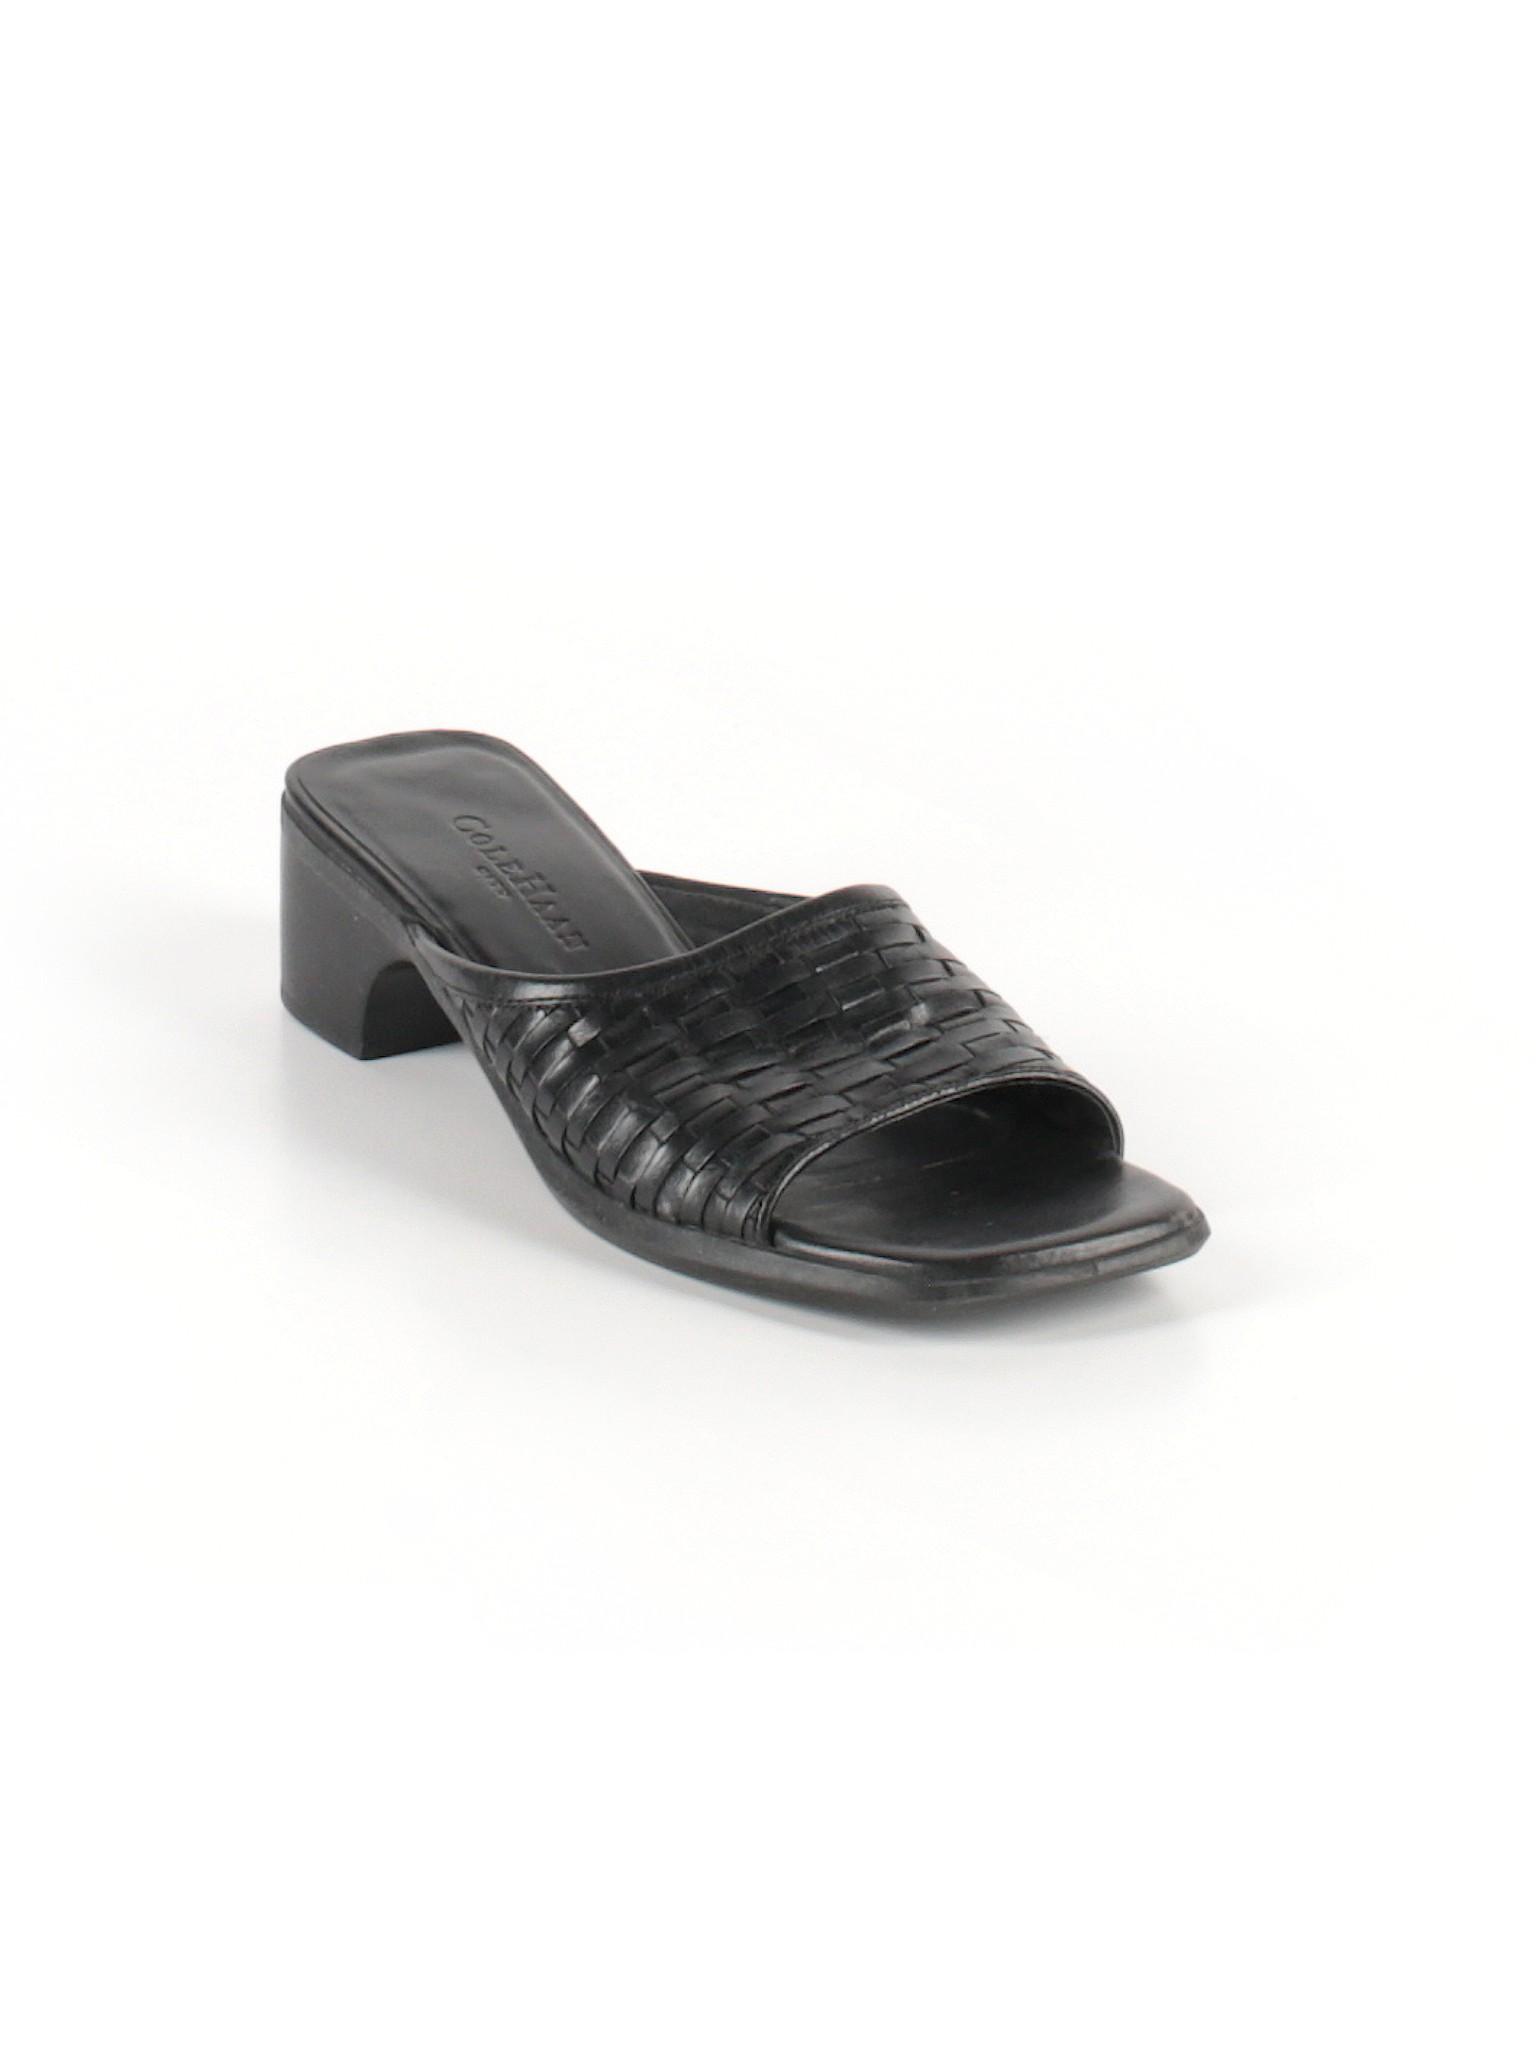 Boutique promotion Boutique Haan promotion Heels Cole 5wvHxq0x